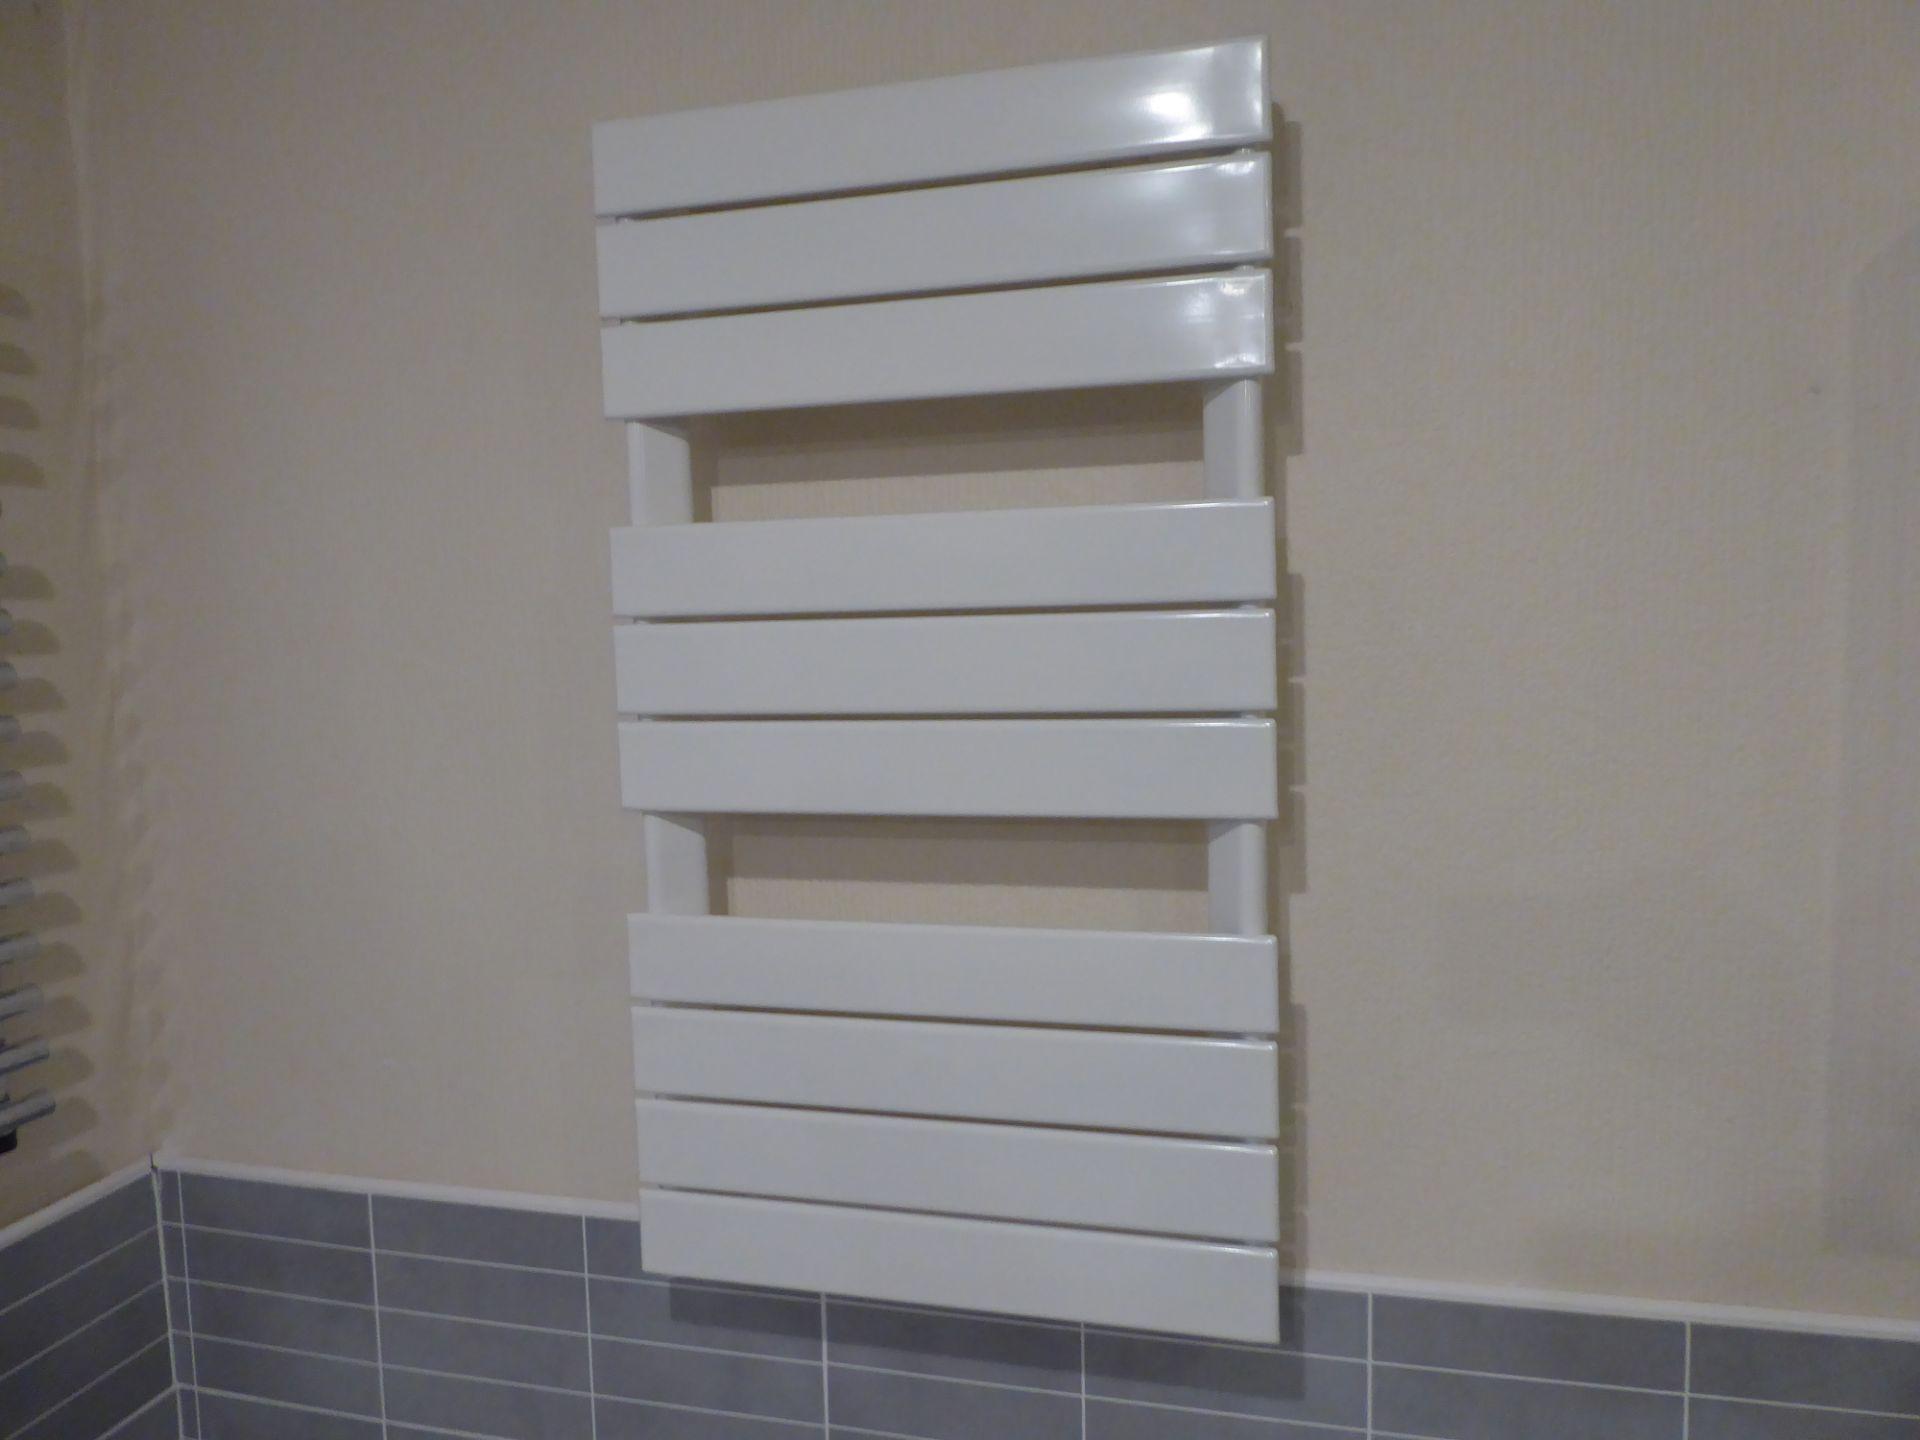 Lot 10 - Myson flat towel rail in White, 800mmx500mm